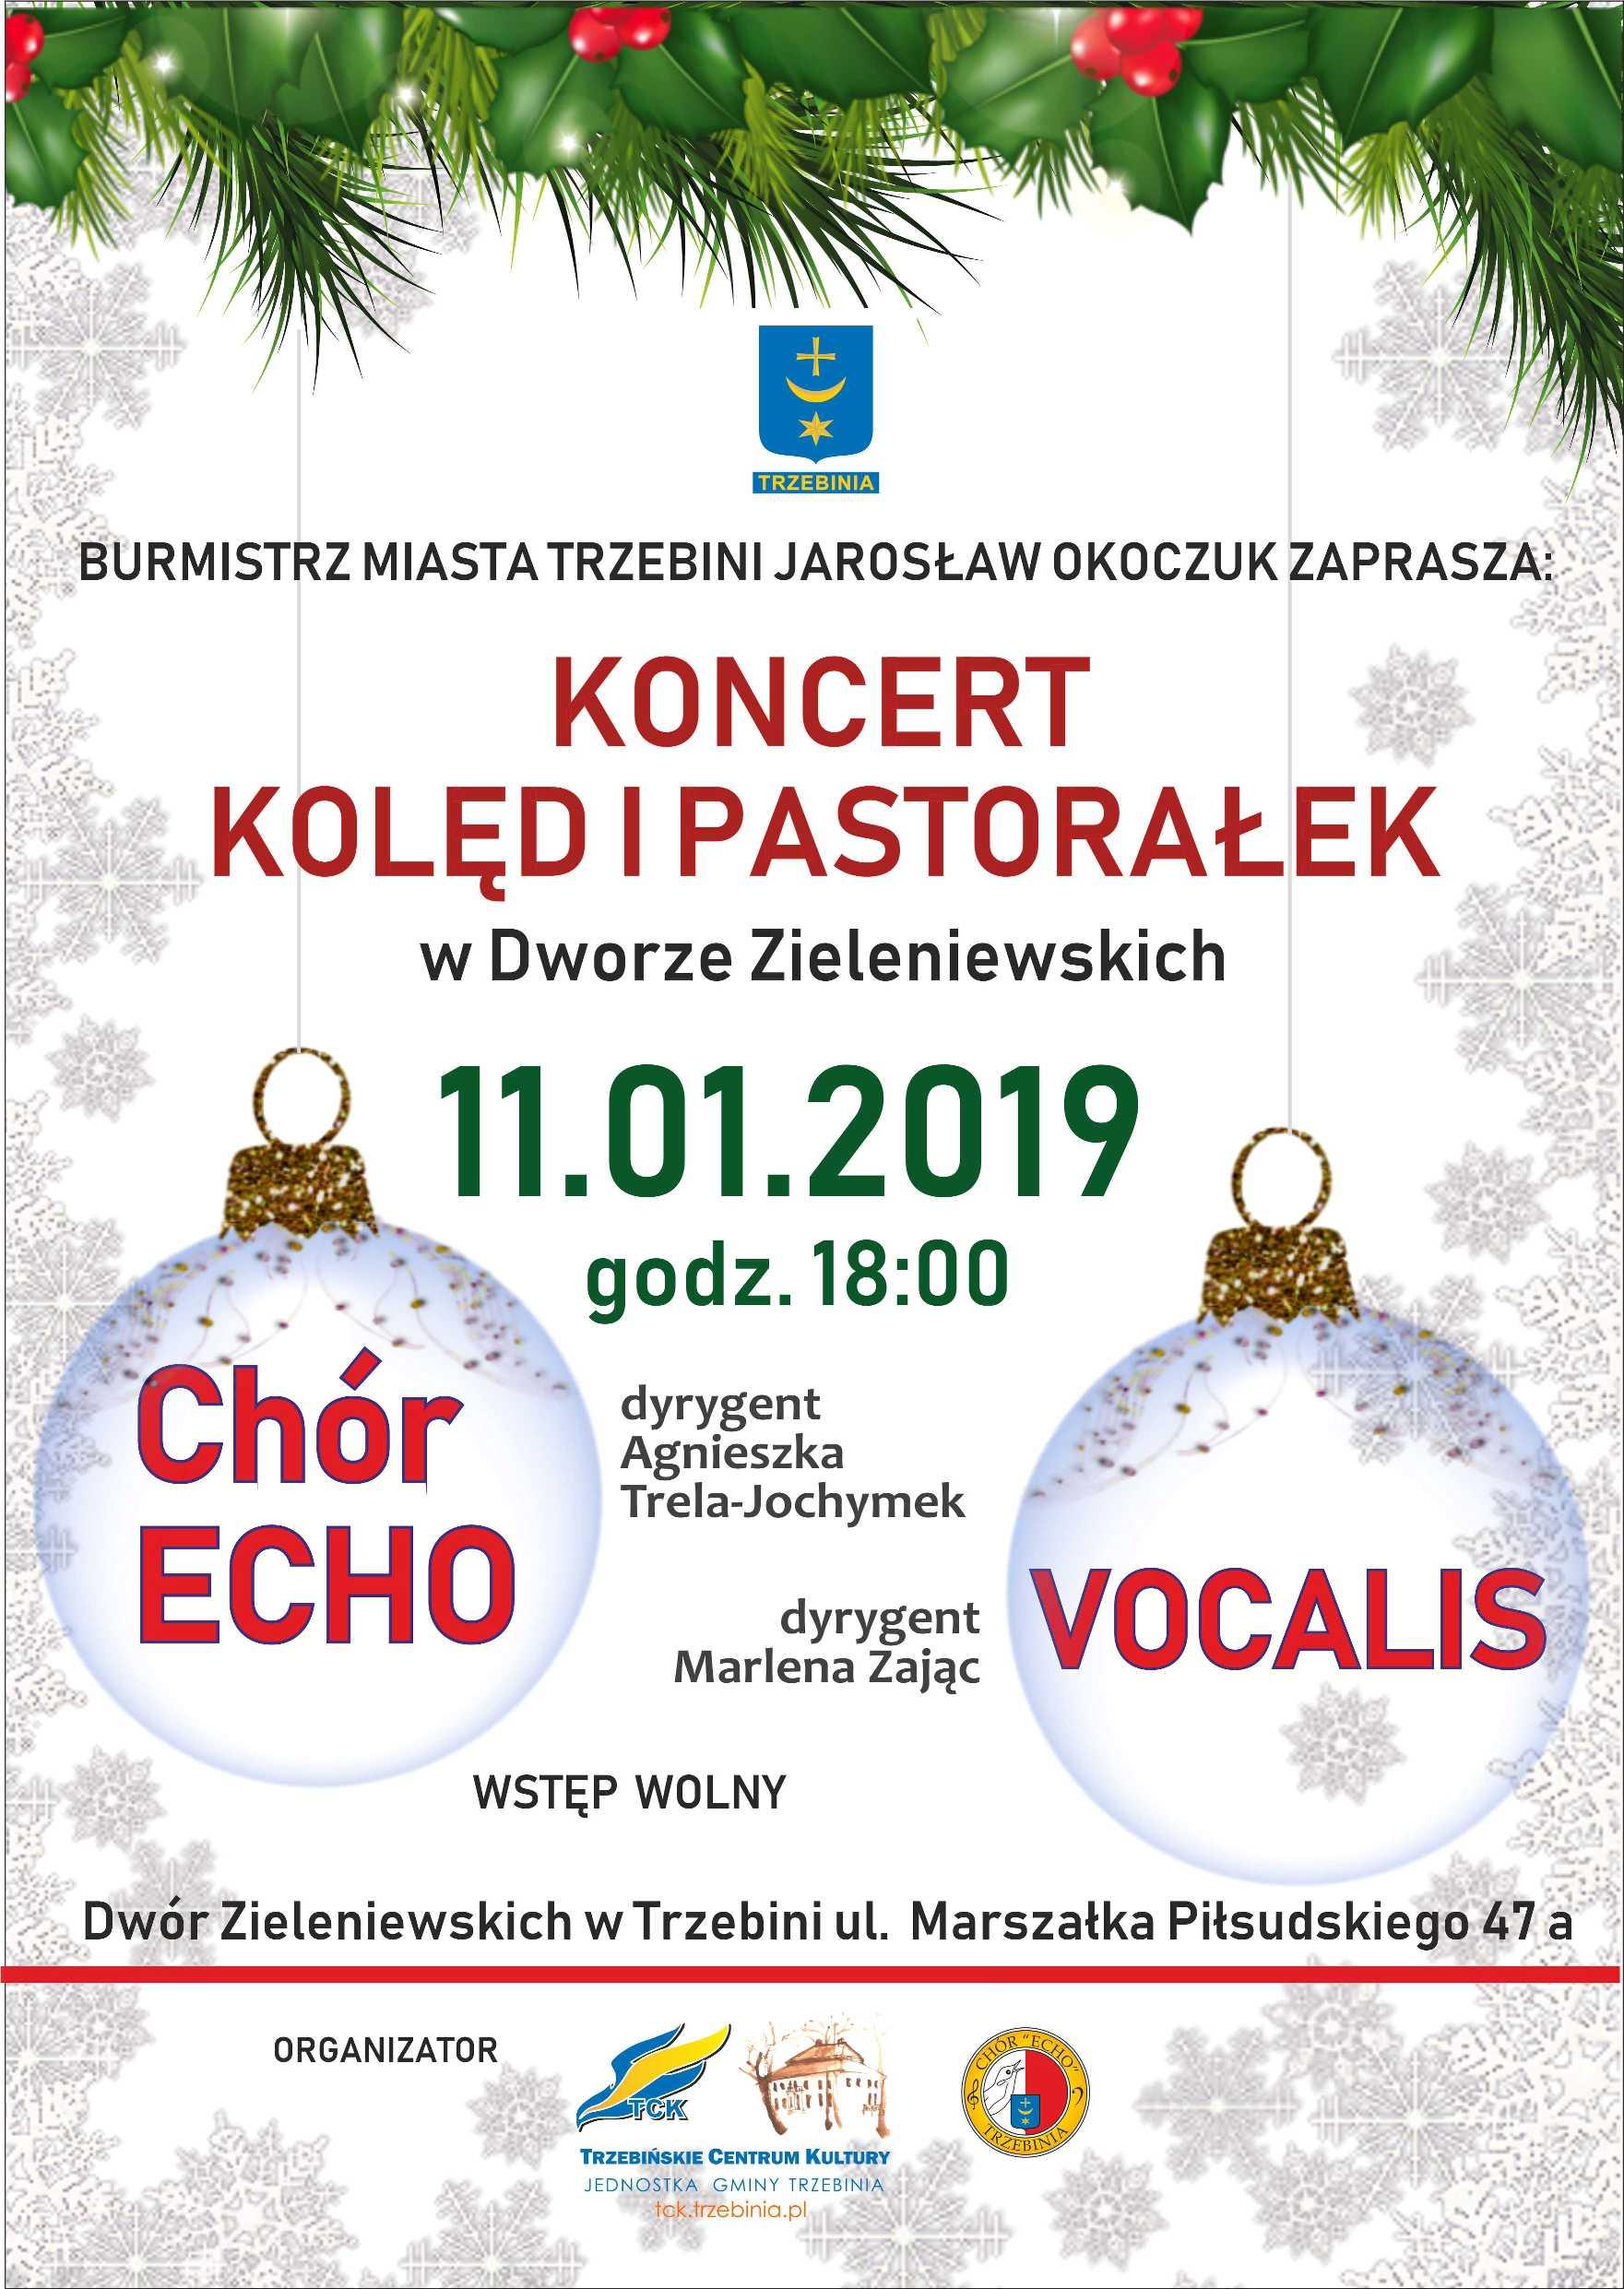 Koncert Kolęd i Pastorałek 2019